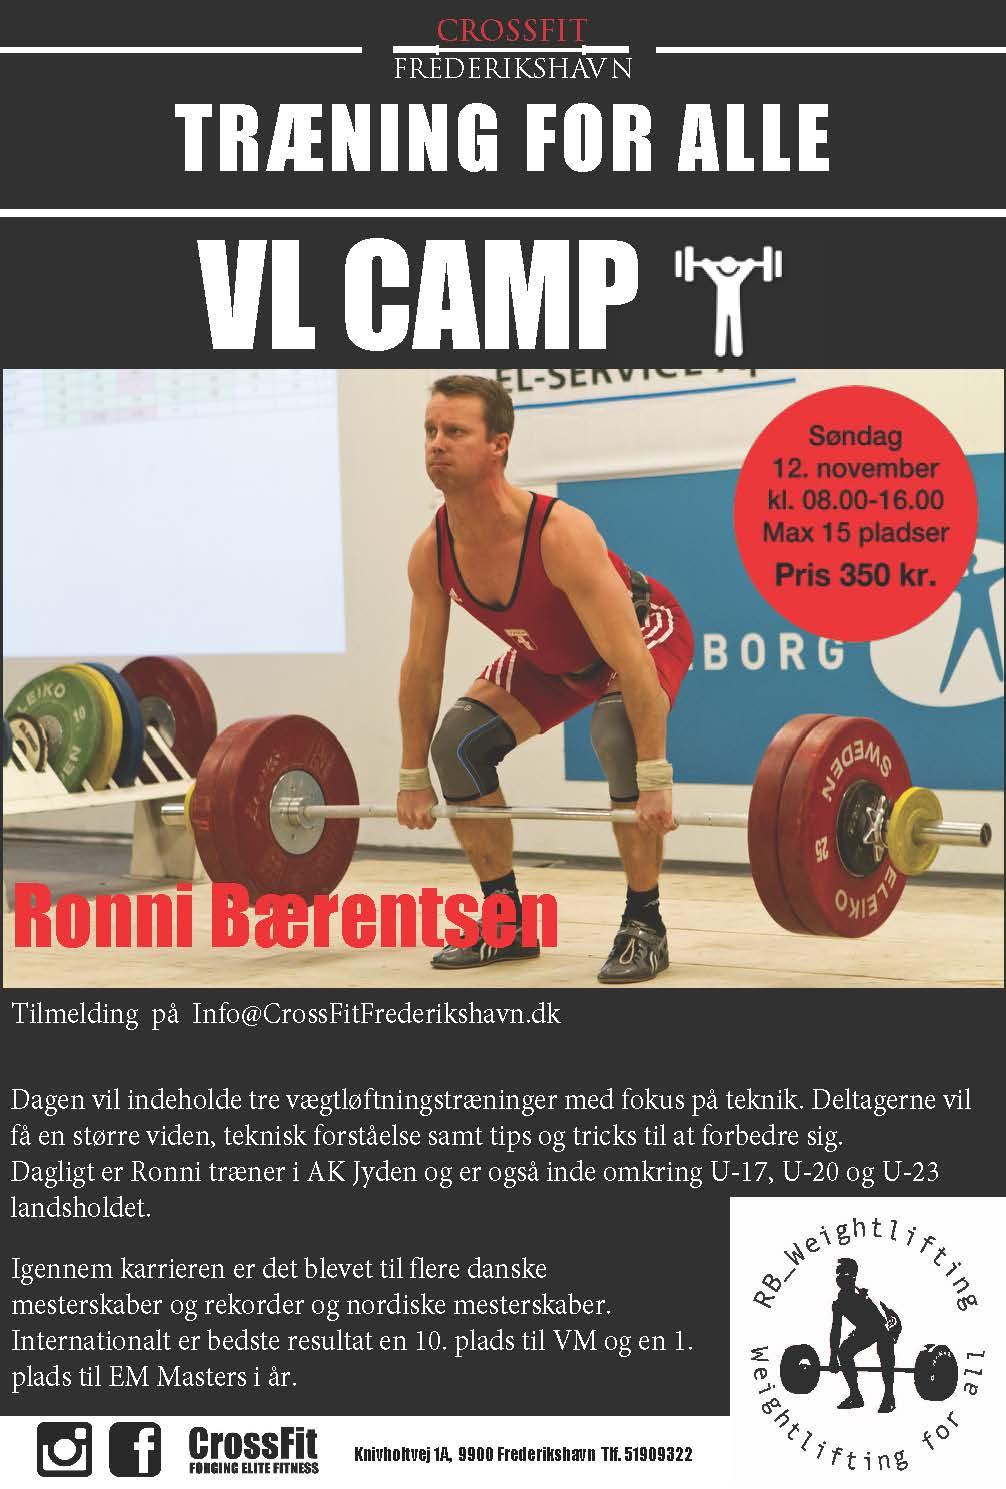 VL - camp CrossFit Frederikshavn